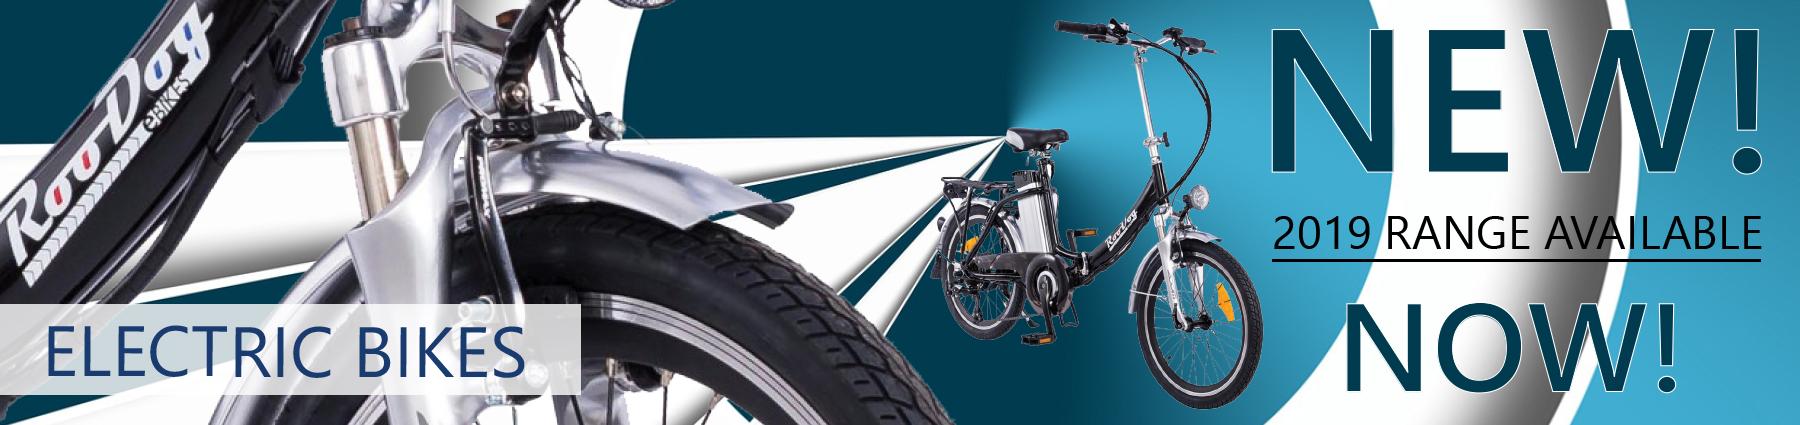 Electric Bikes for Caravan & Camping